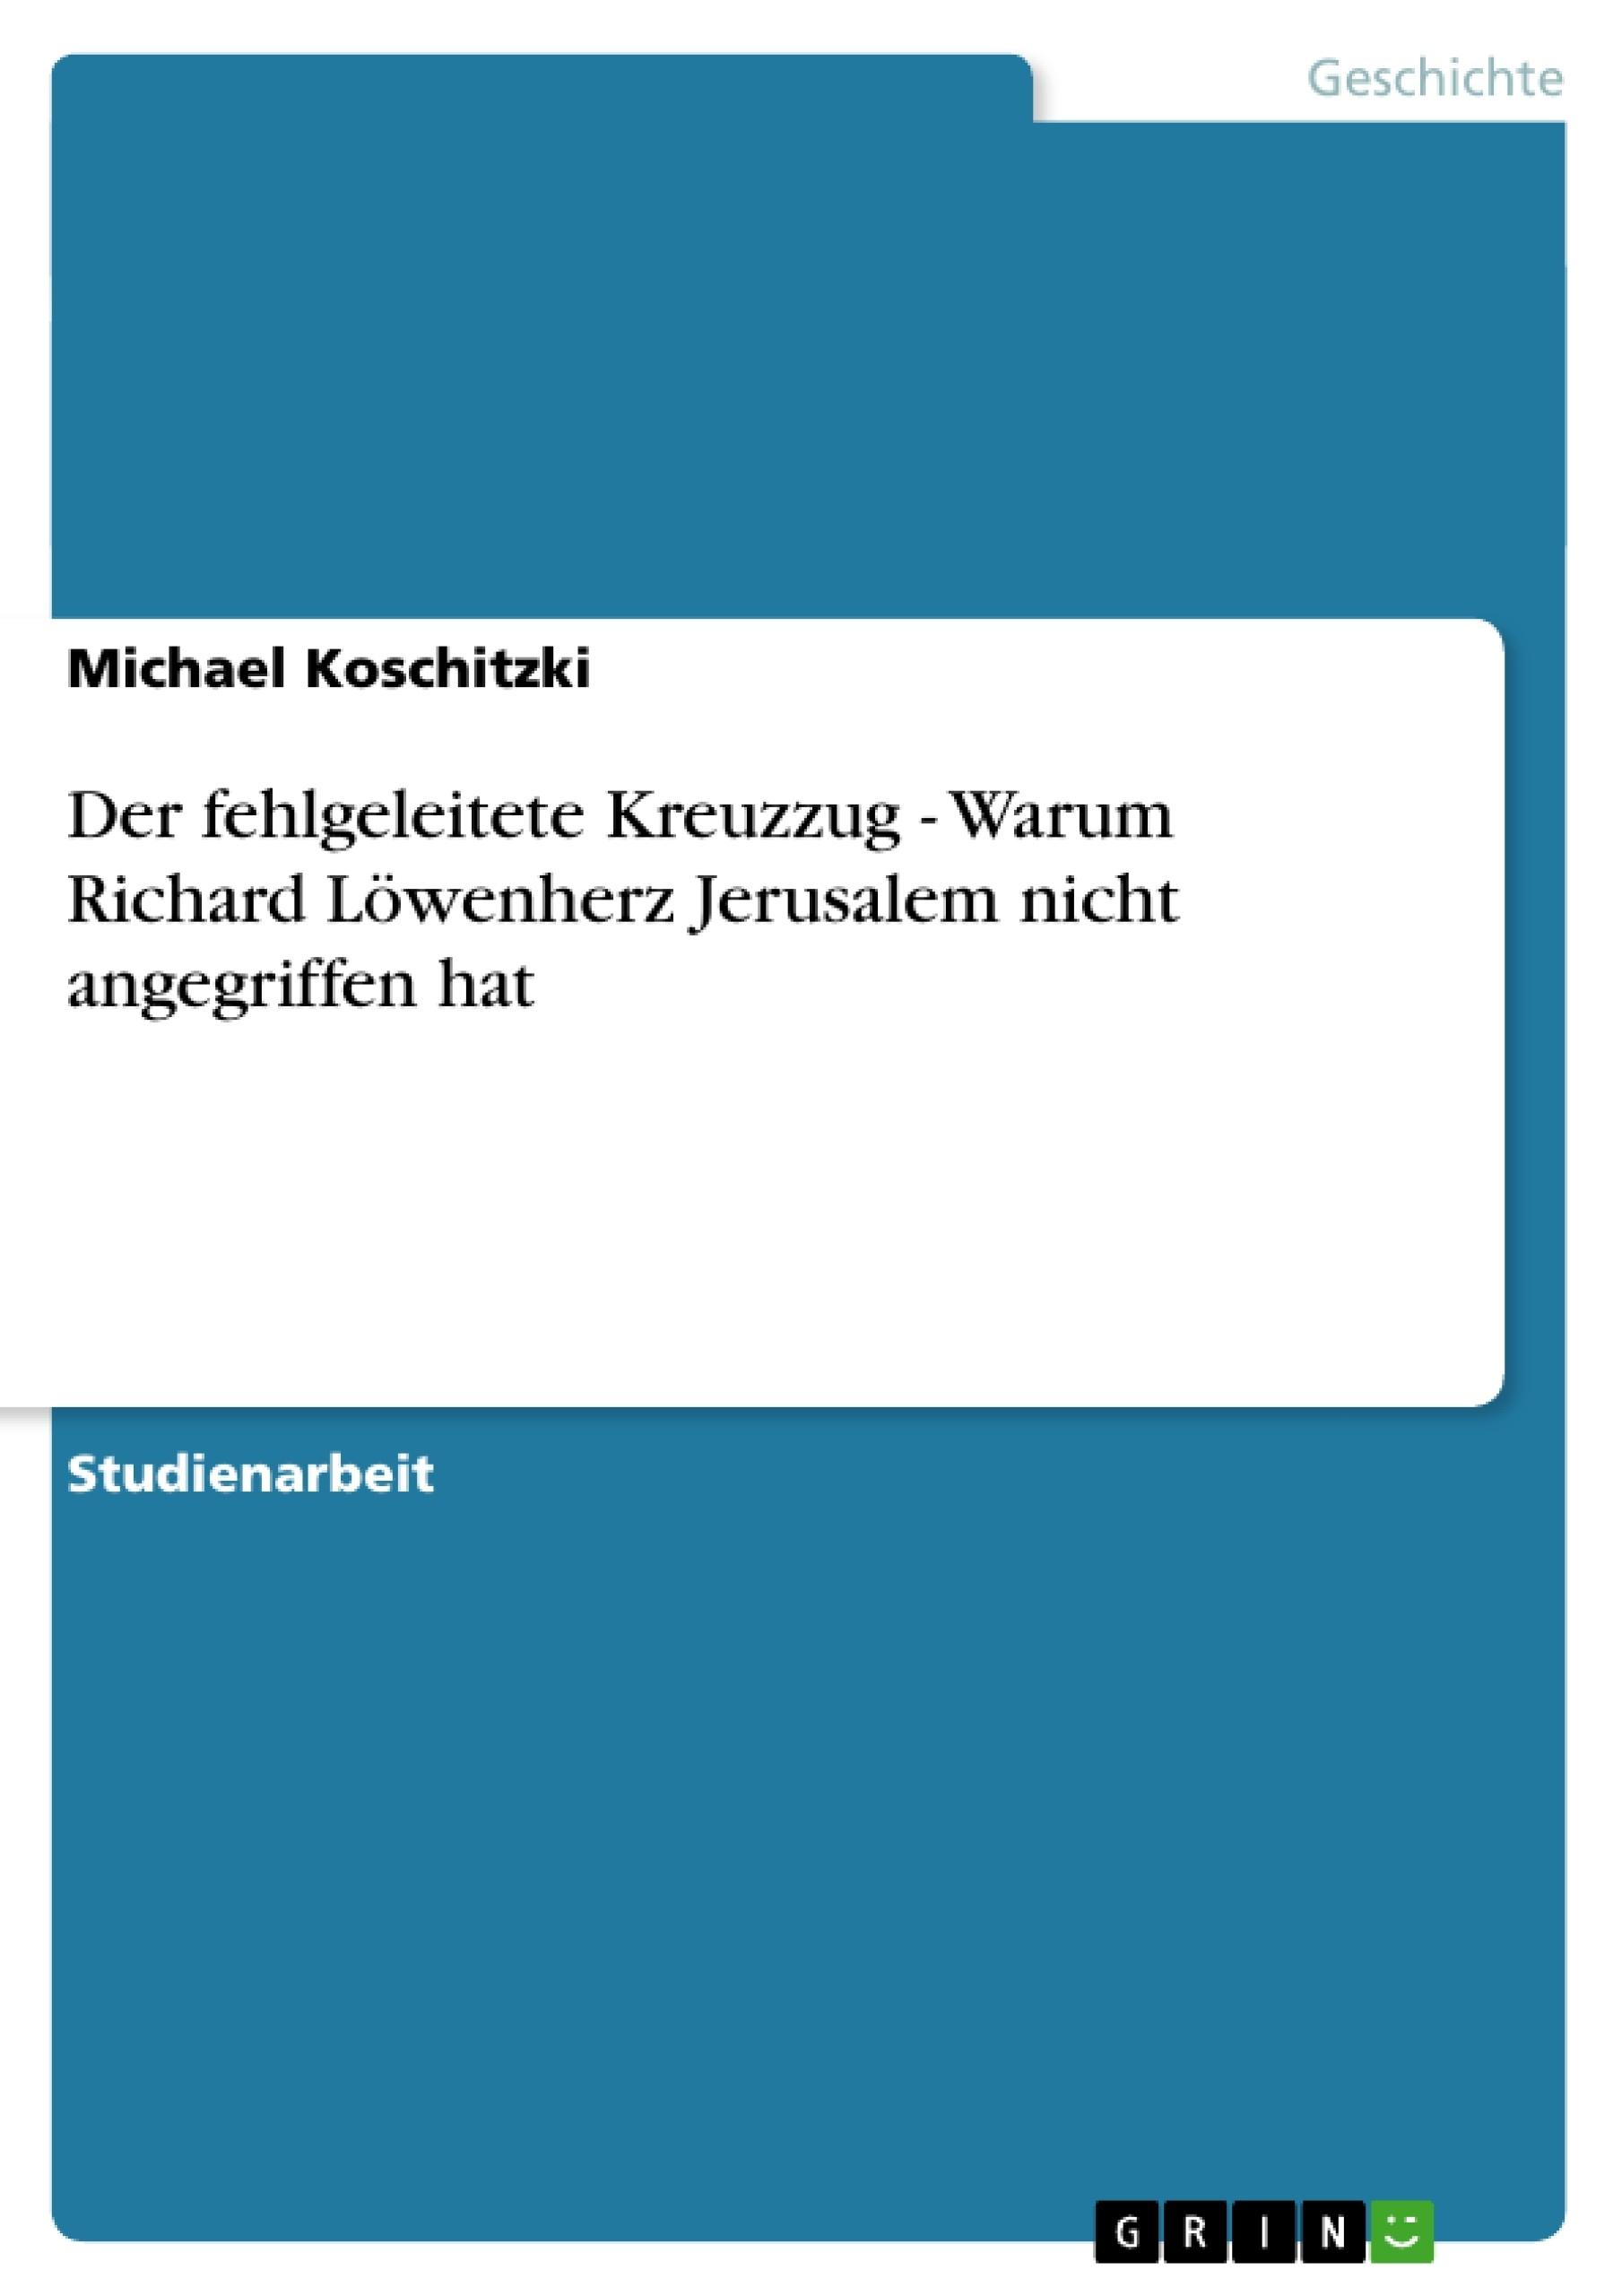 Titel: Der fehlgeleitete Kreuzzug - Warum Richard Löwenherz Jerusalem nicht angegriffen hat